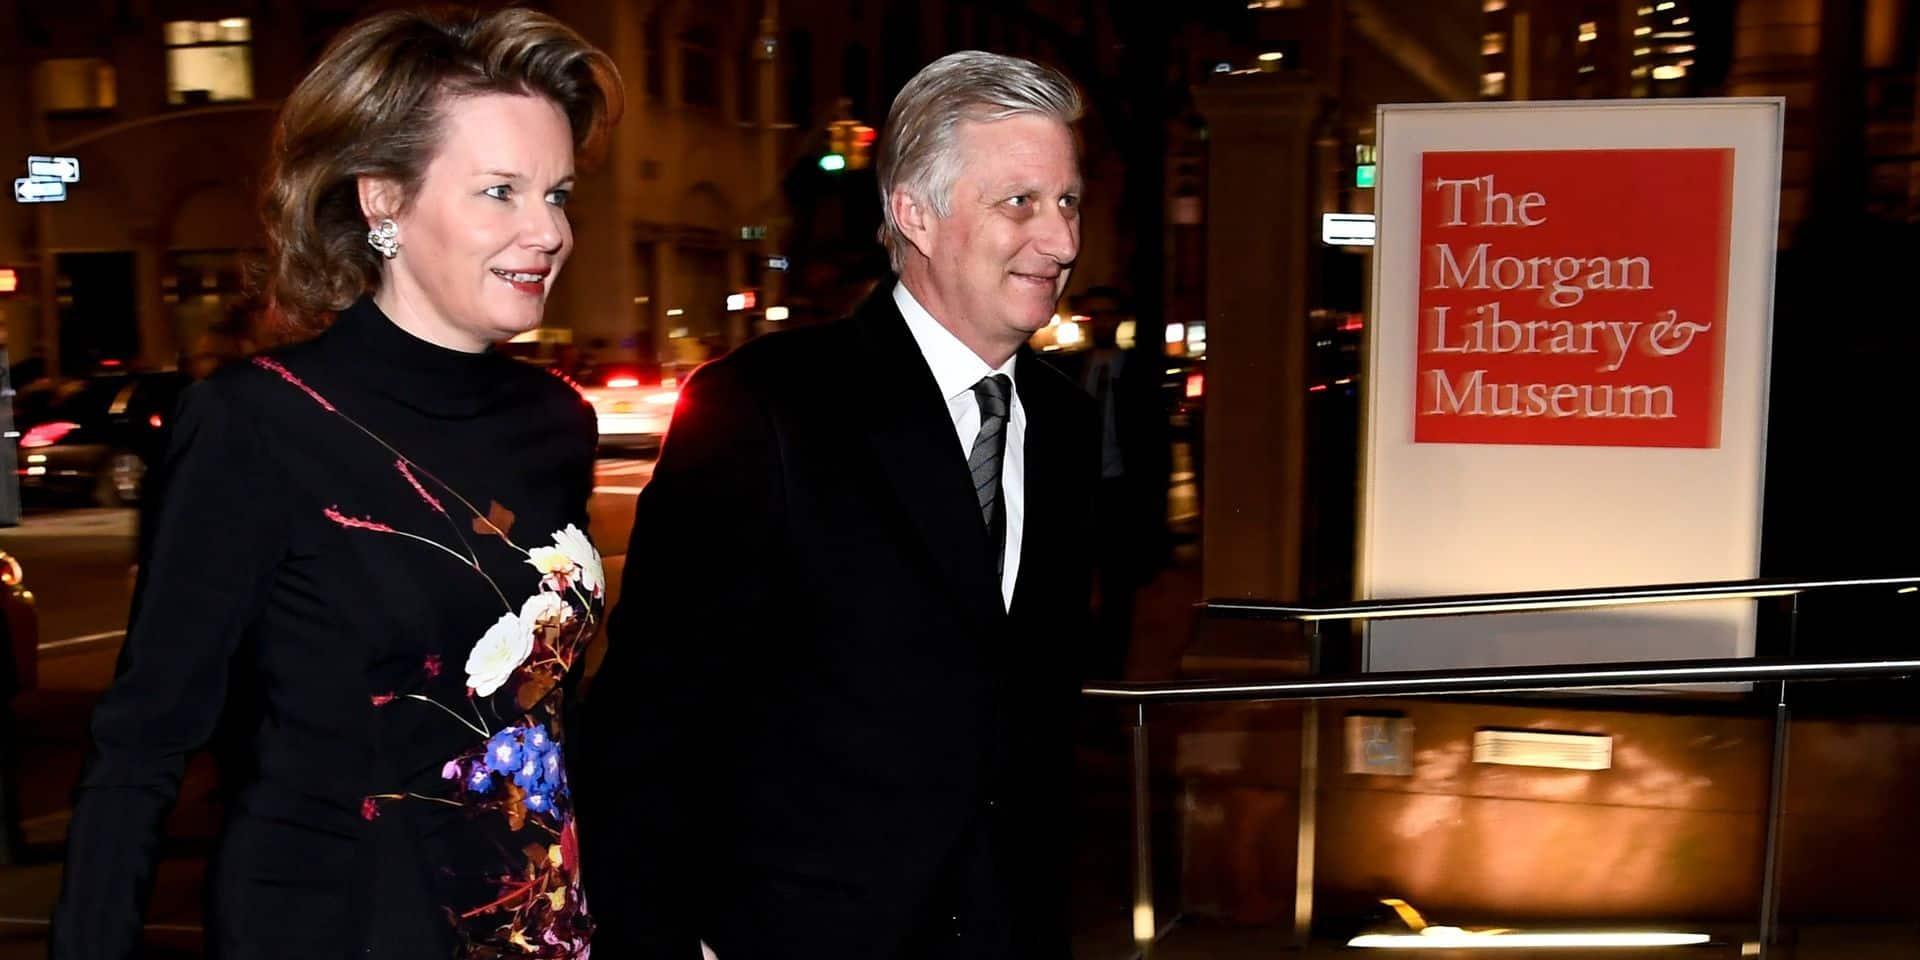 La diplomatie belge fait entendre sa petite musique en plein coeur de New York